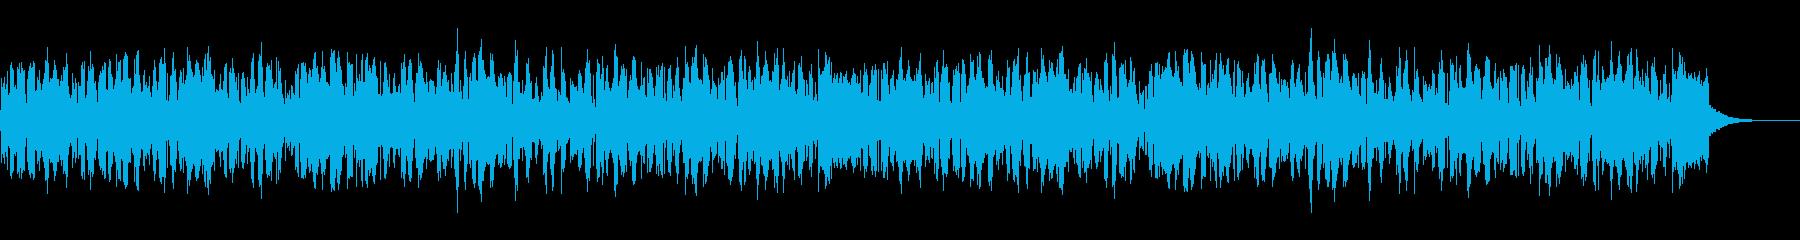 虫の応援団の再生済みの波形